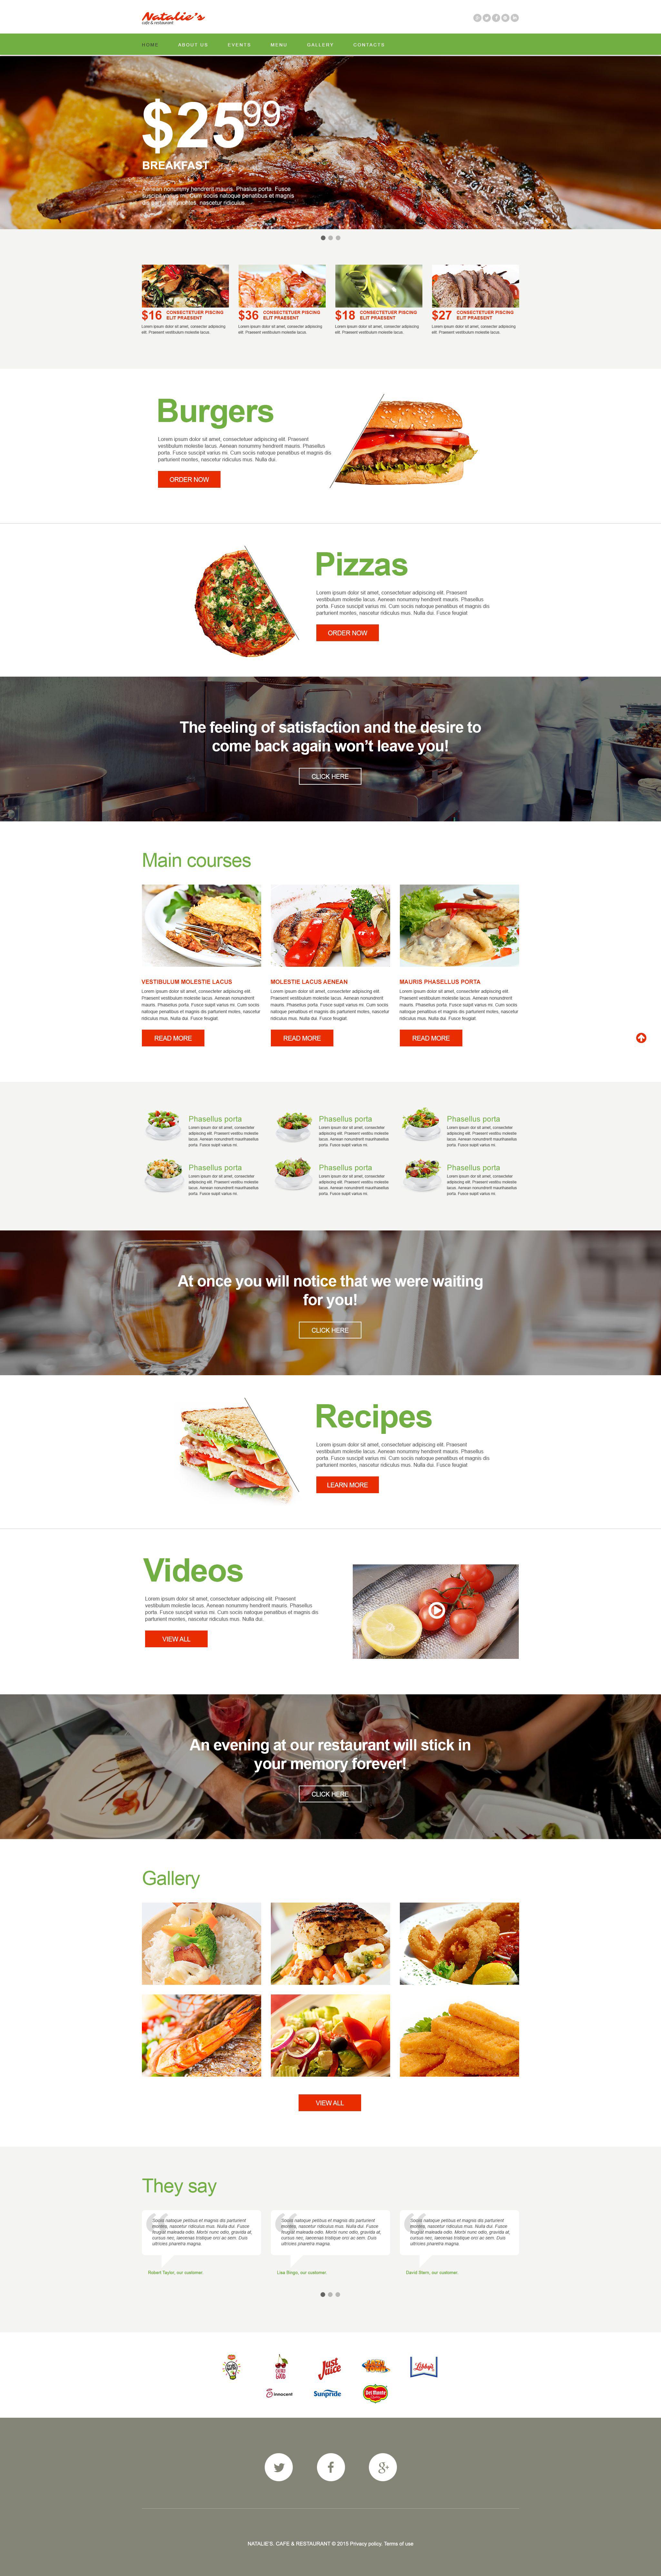 Template Muse para Sites de Cafeteria e Restaurante №54781 - captura de tela